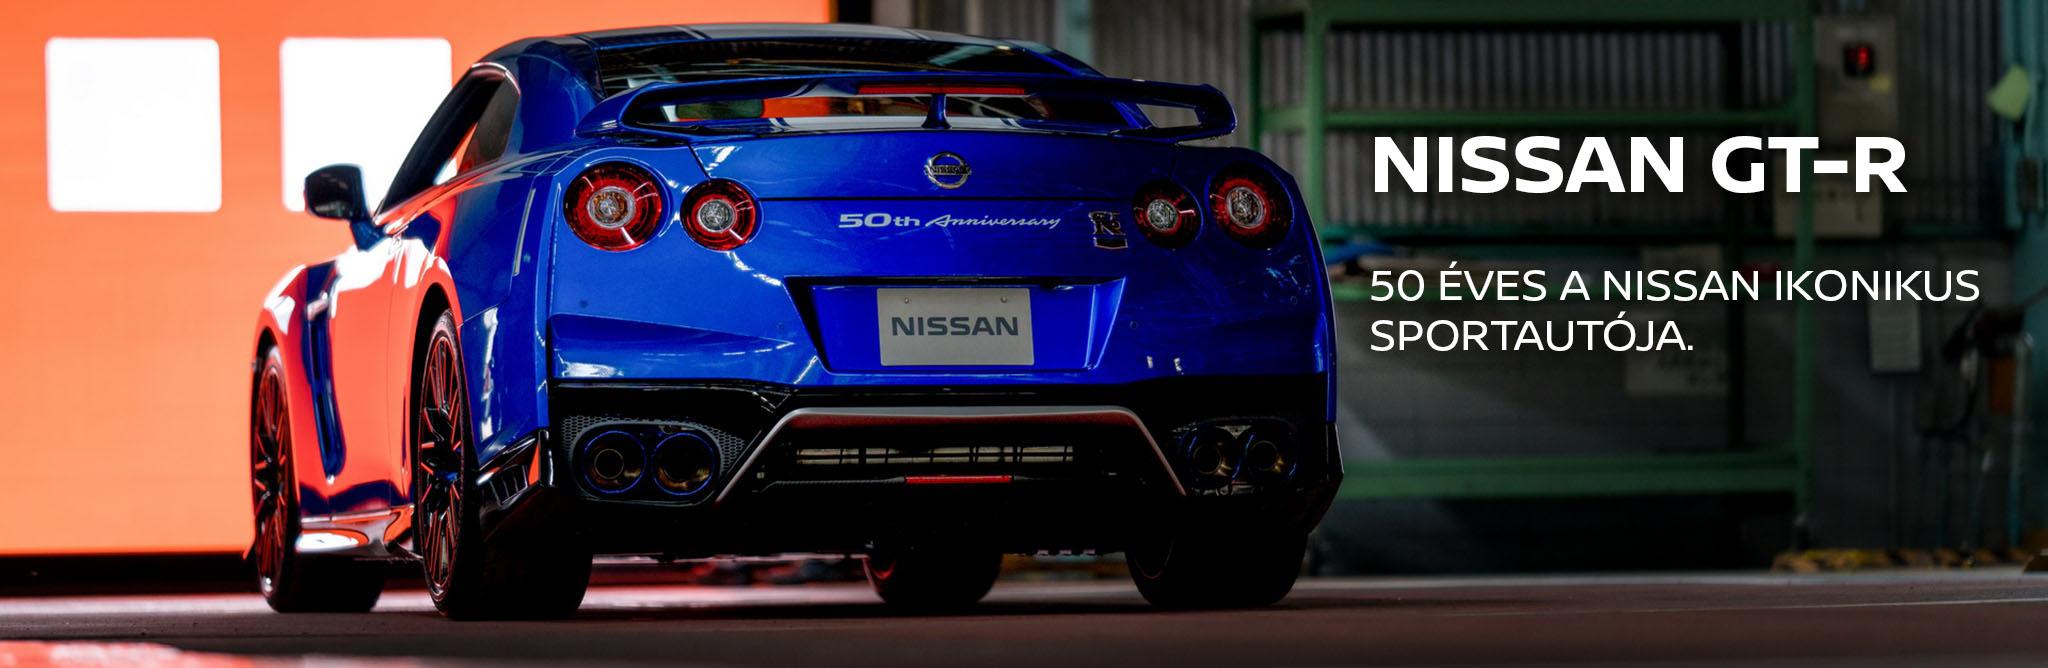 50 éves a Nissan ikonikus sportautója.